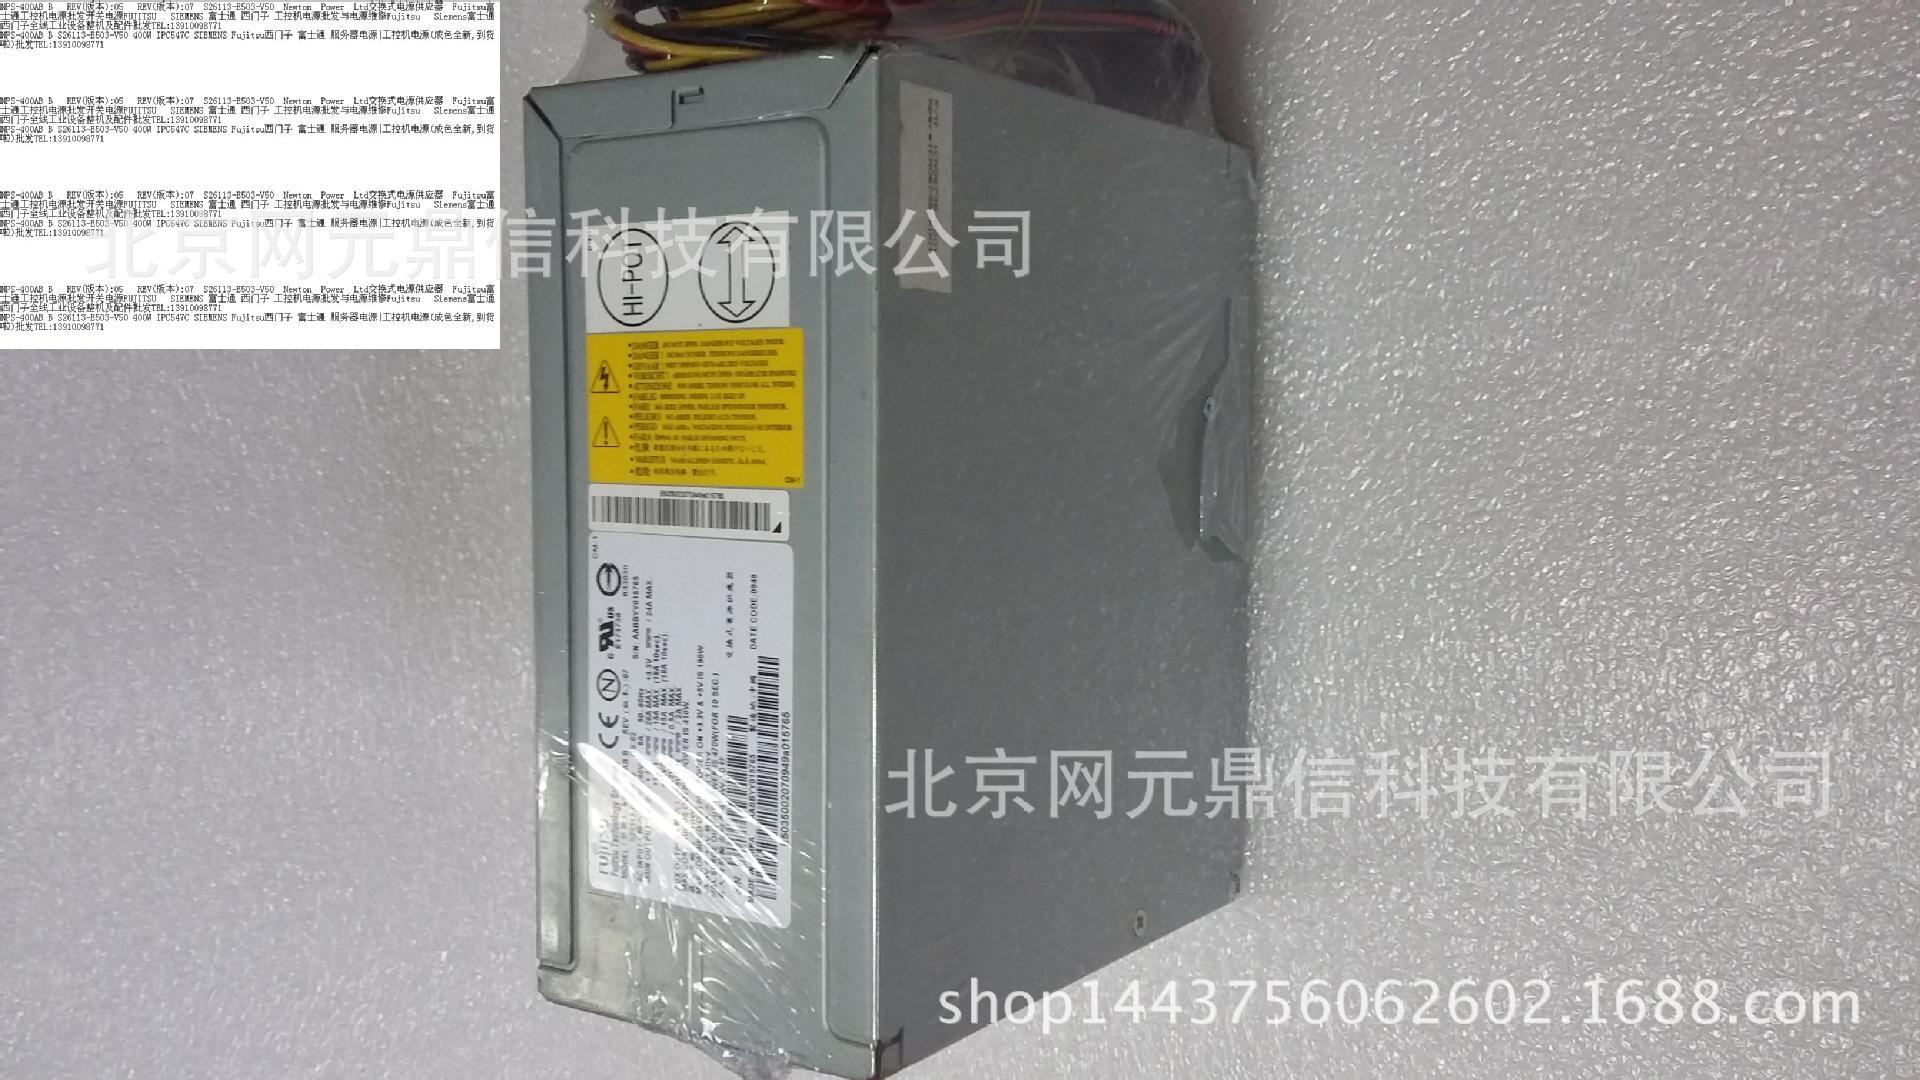 S26113-E503-V50交换式电源供应器